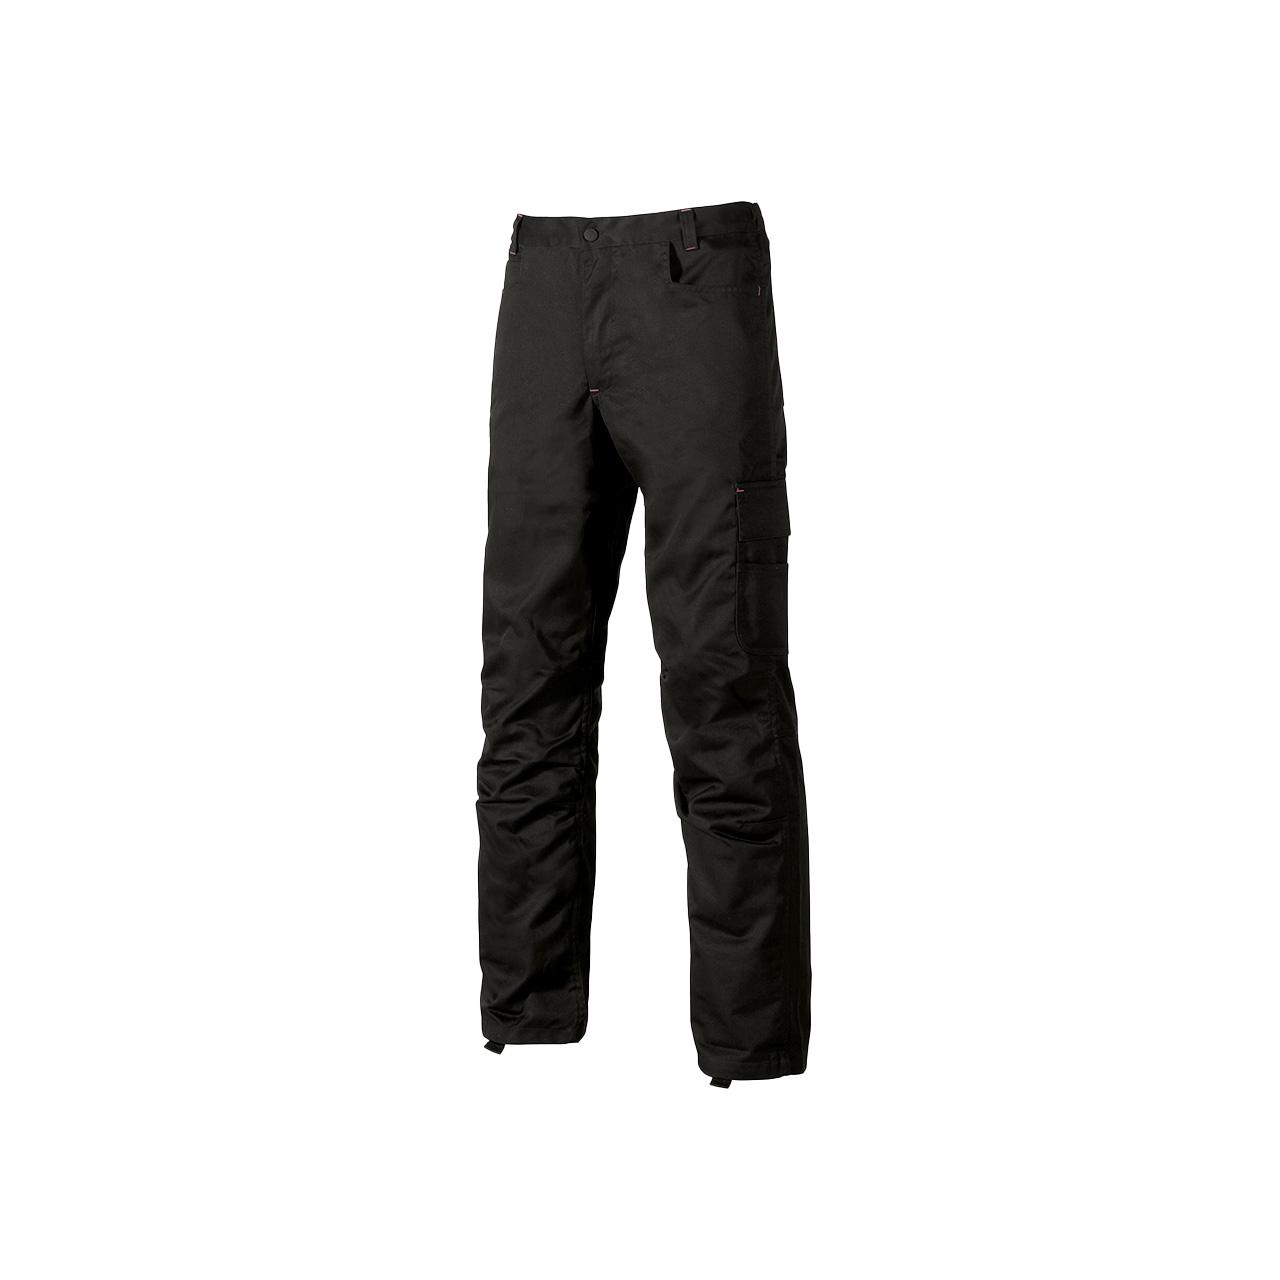 pantalone da lavoro upower modello bravo colore black c